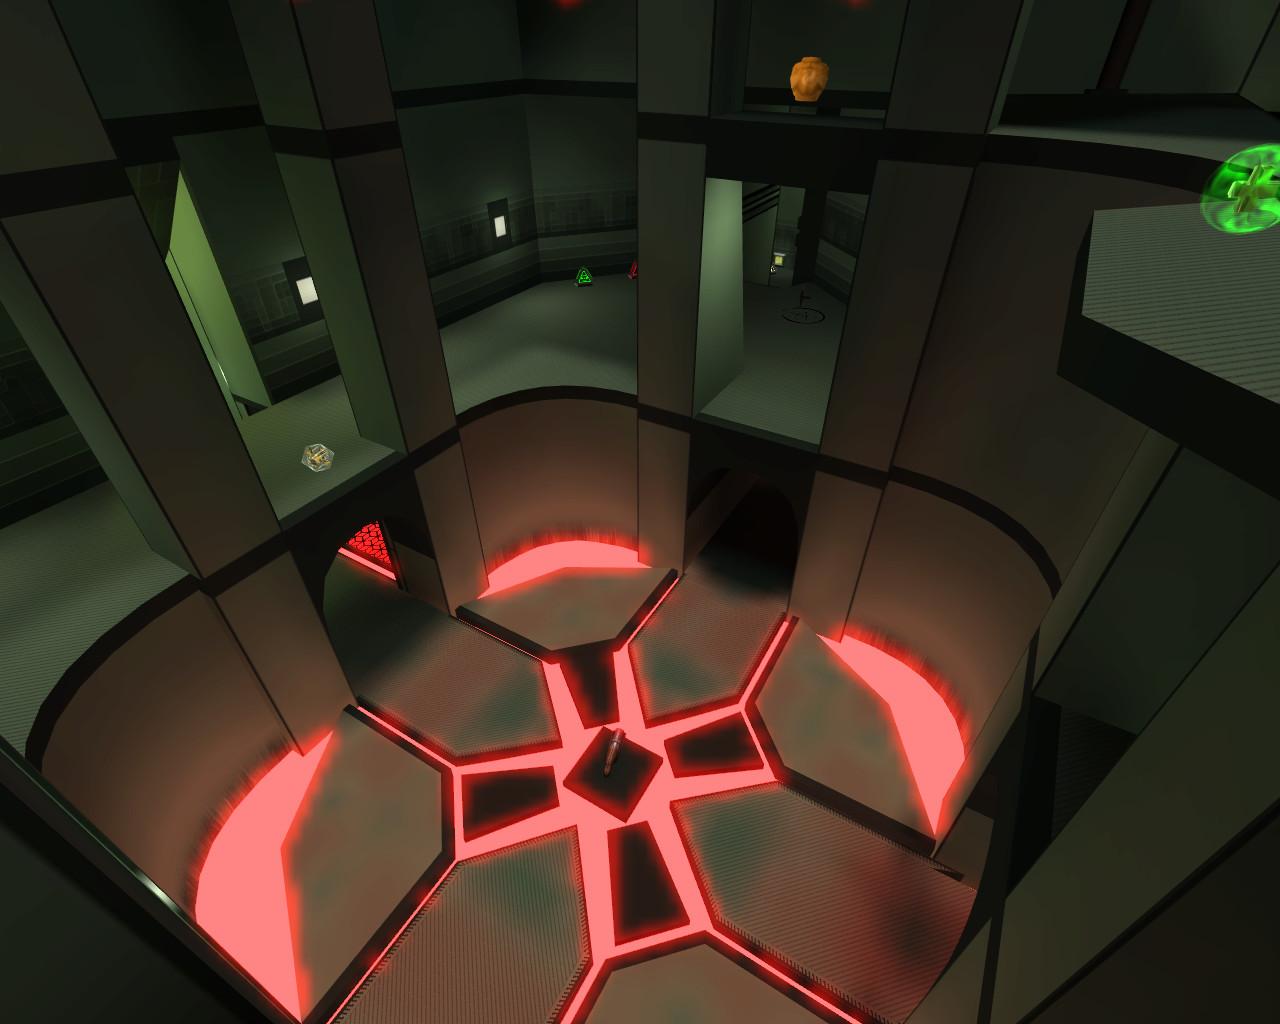 使用牛顿迭代法了的雷神之锤3引擎——OpenArena